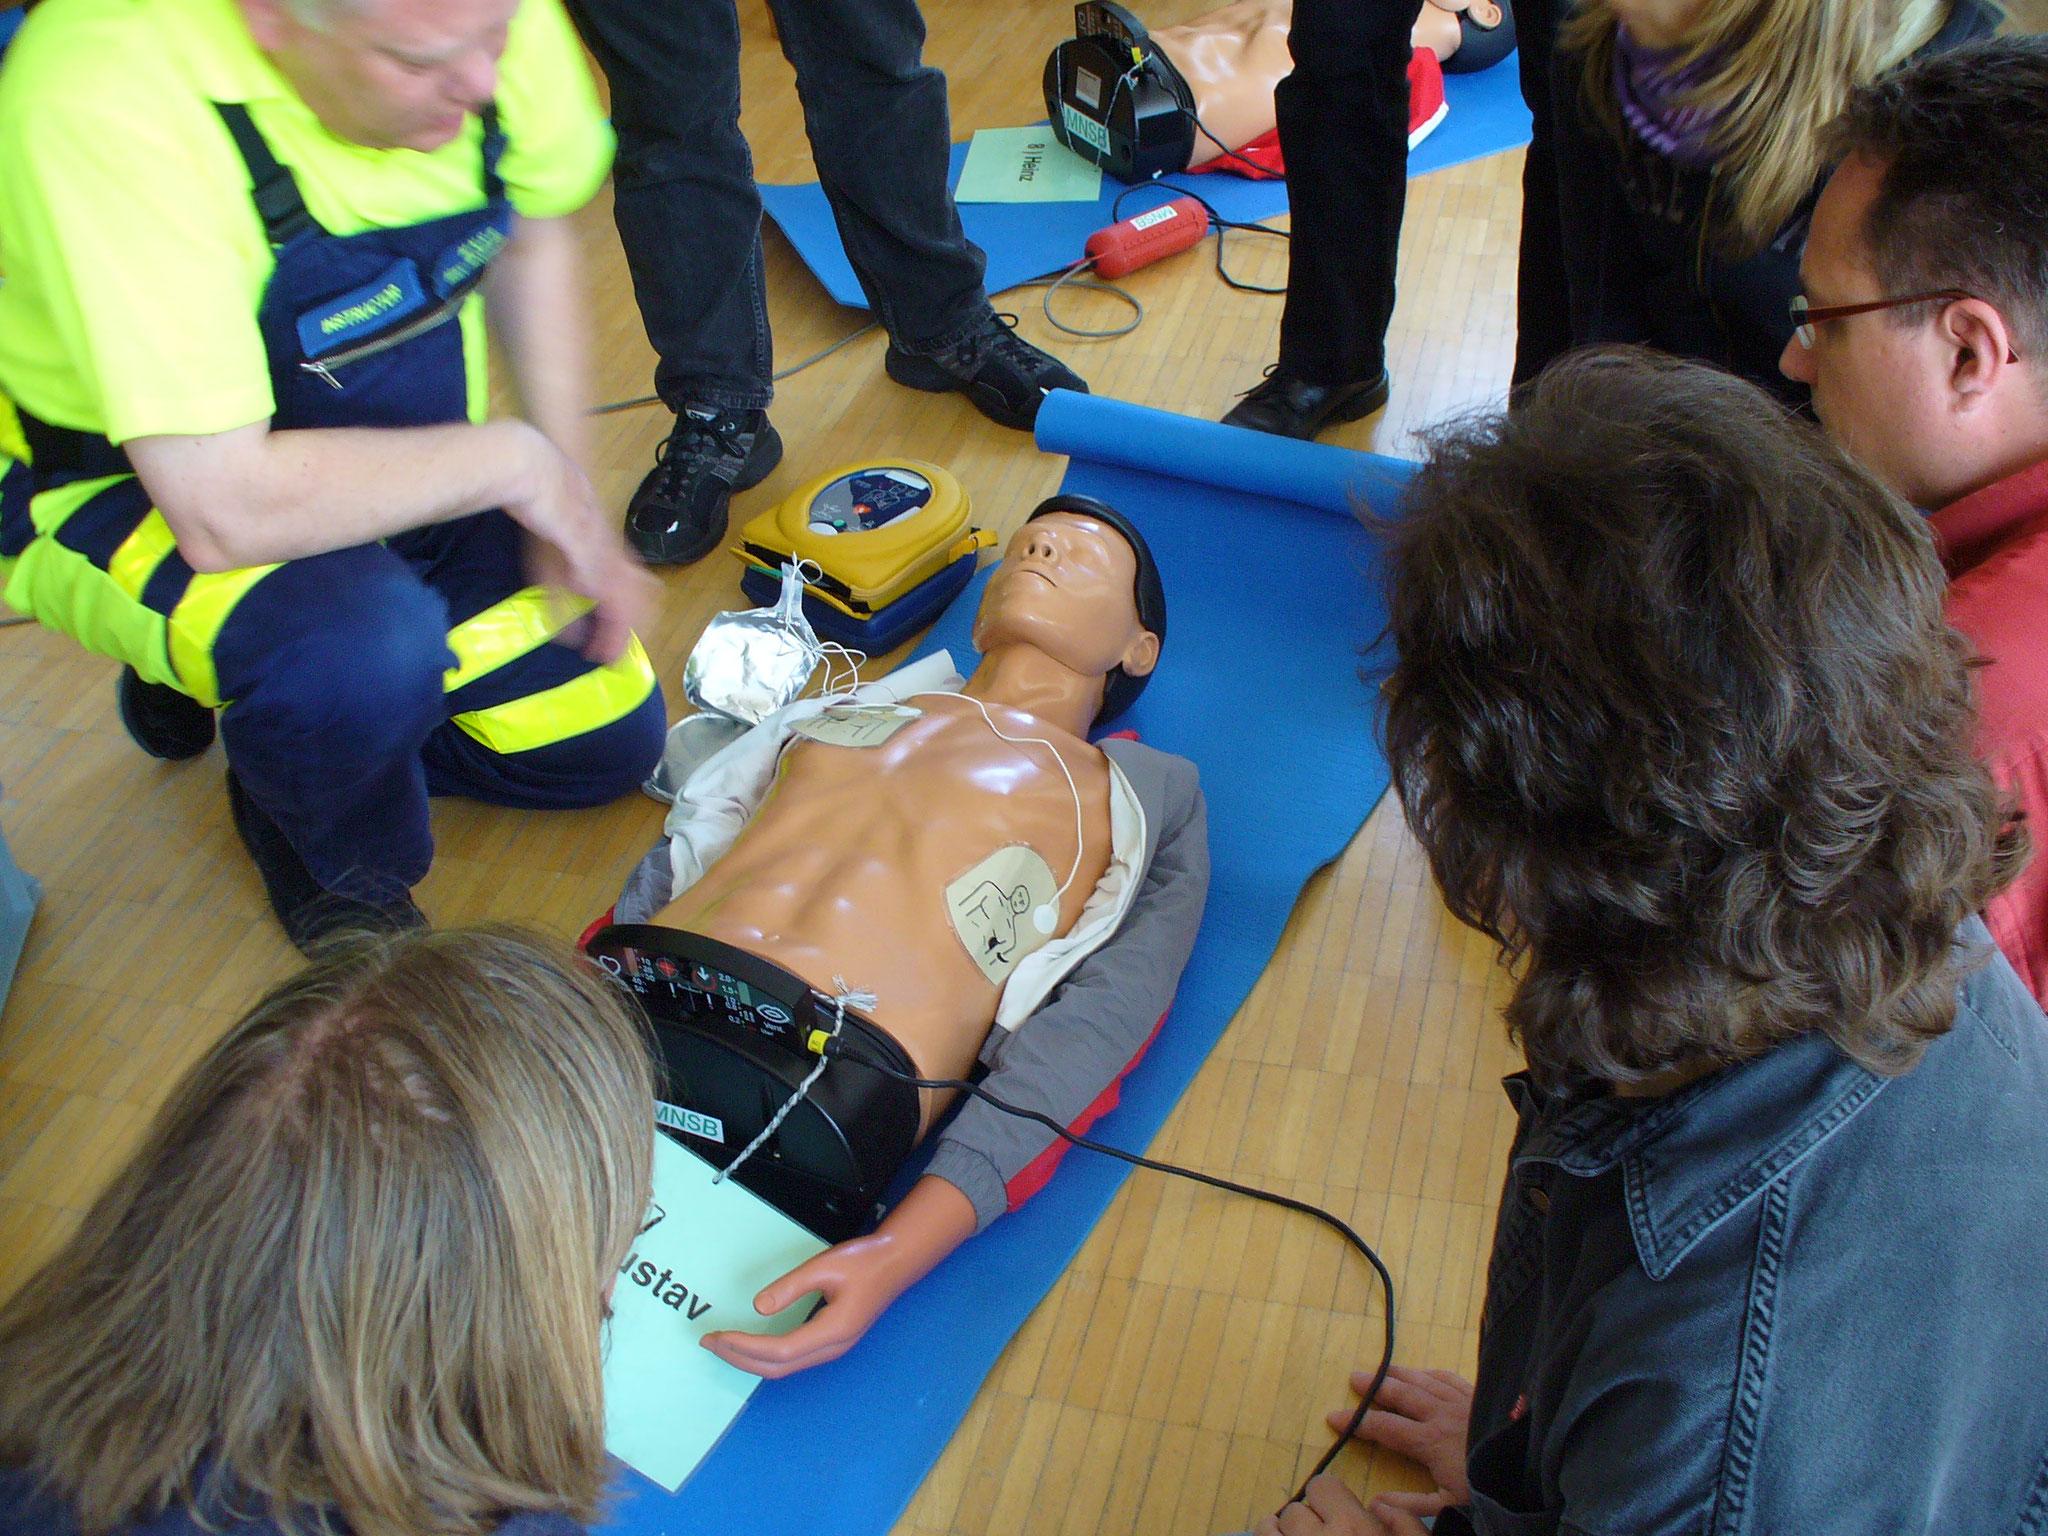 Eine andere Marke eines Defibrillators - auch wenn sie alle unterschiedlich aussehen - die Anwendung ist immer gleich